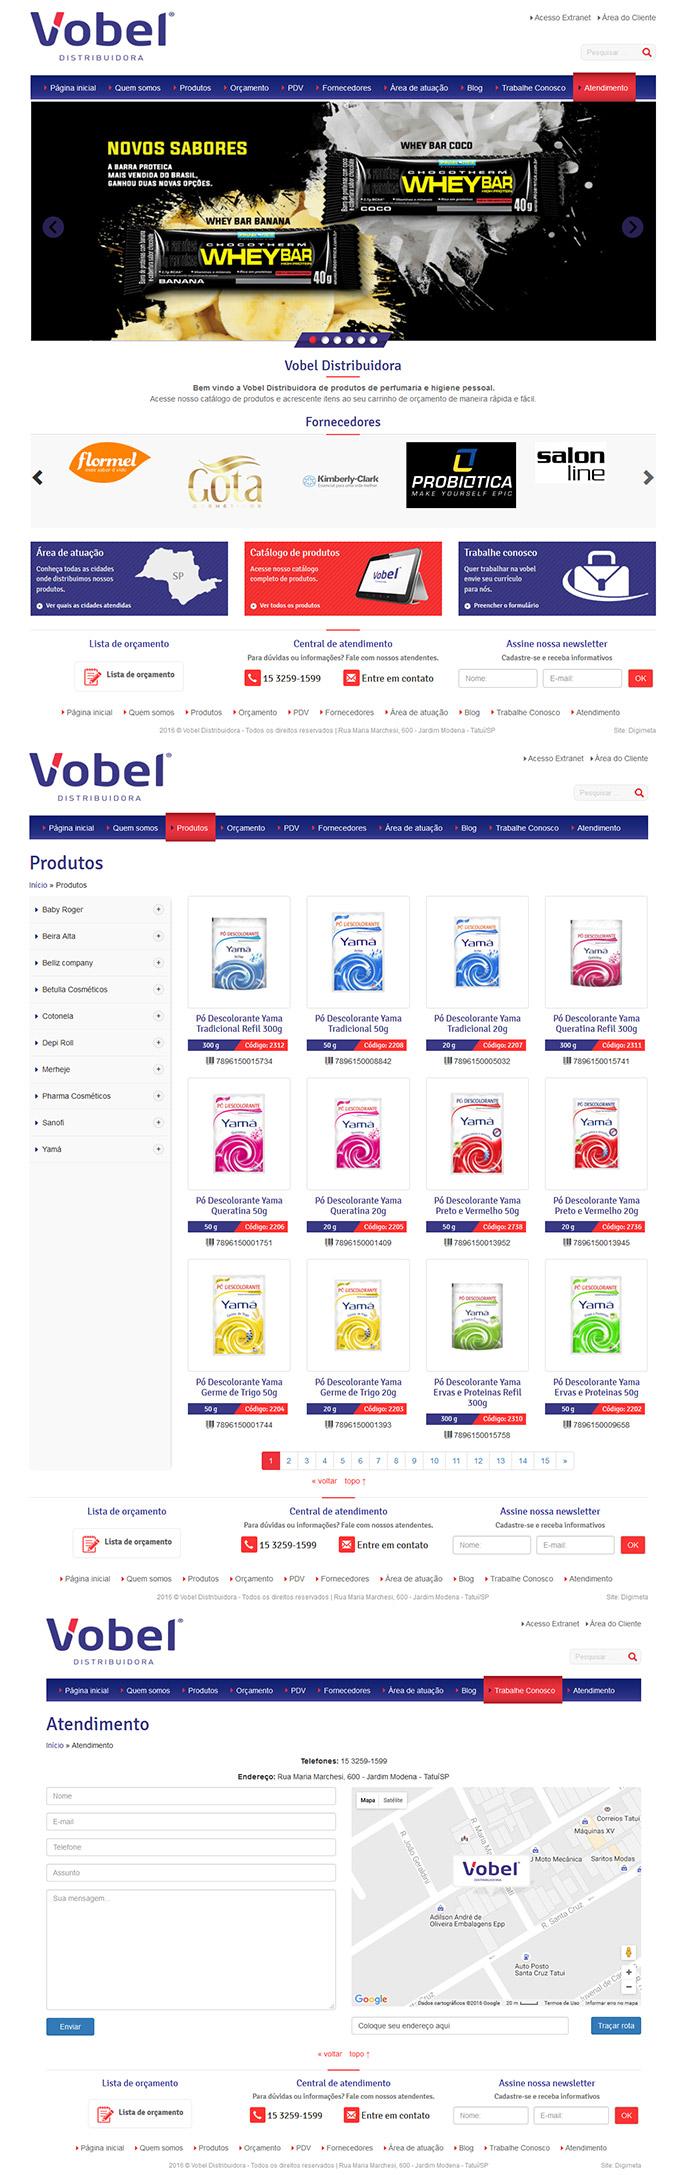 Vobel